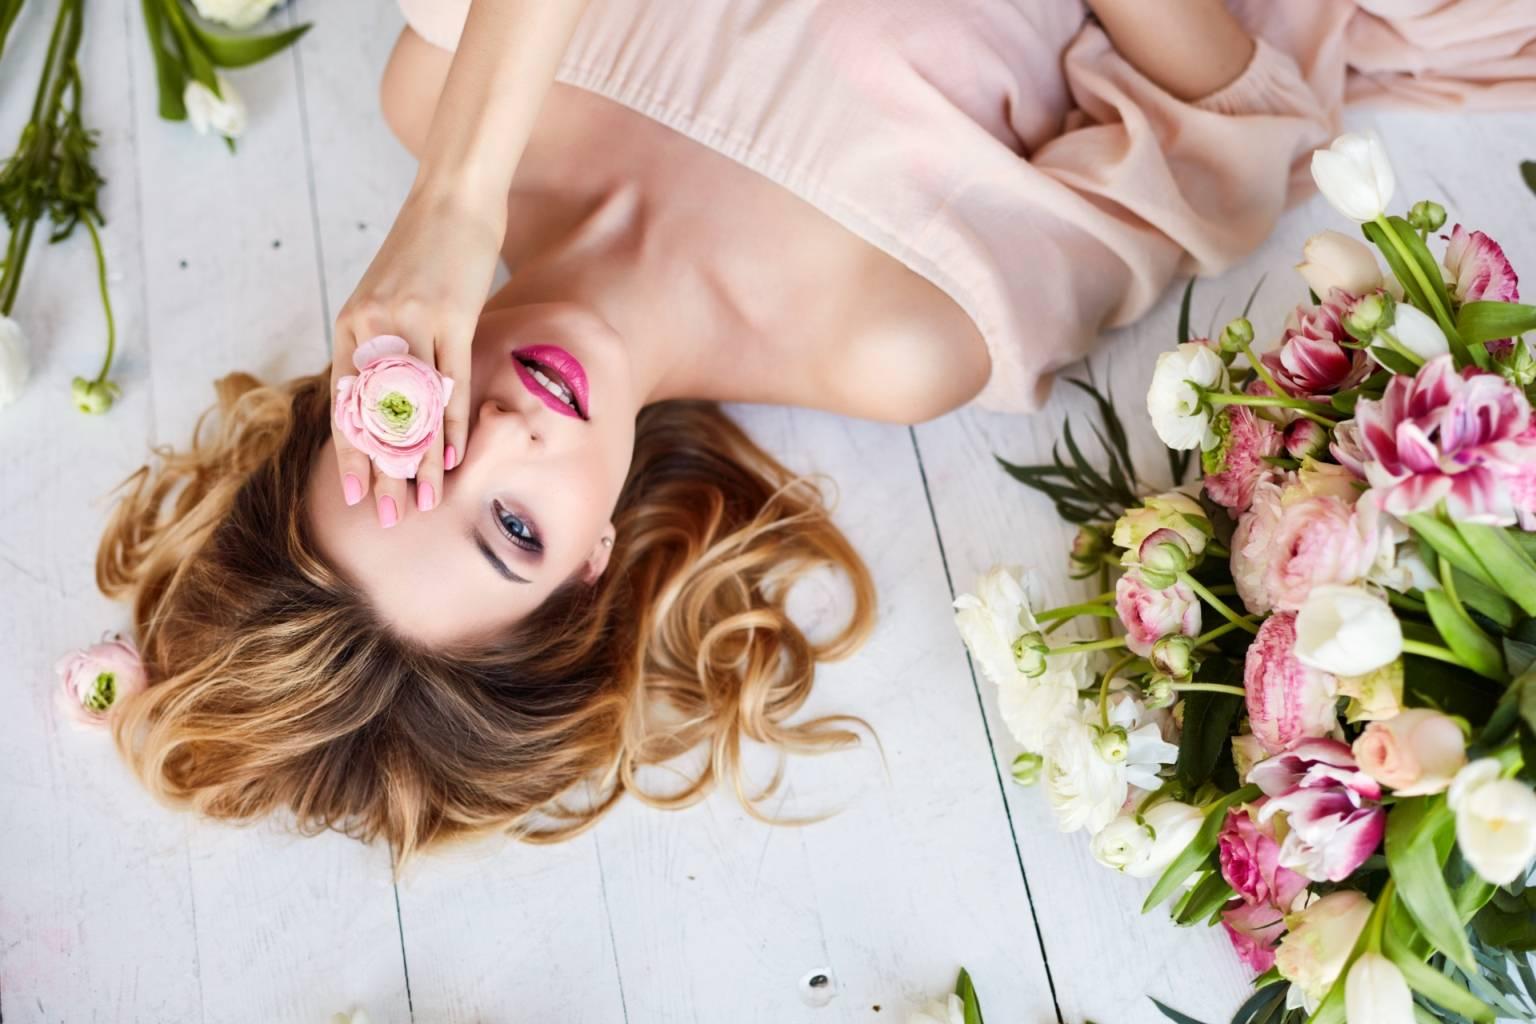 Aromaterapia, czyli leczenie zapachem. Jak działają olejki eteryczne? Piękna kobieta o blond włosach, w jasnej pudrowej sukience leży na podłodze wśród różowych kwiatów i przykłada jeden z nich do oka.